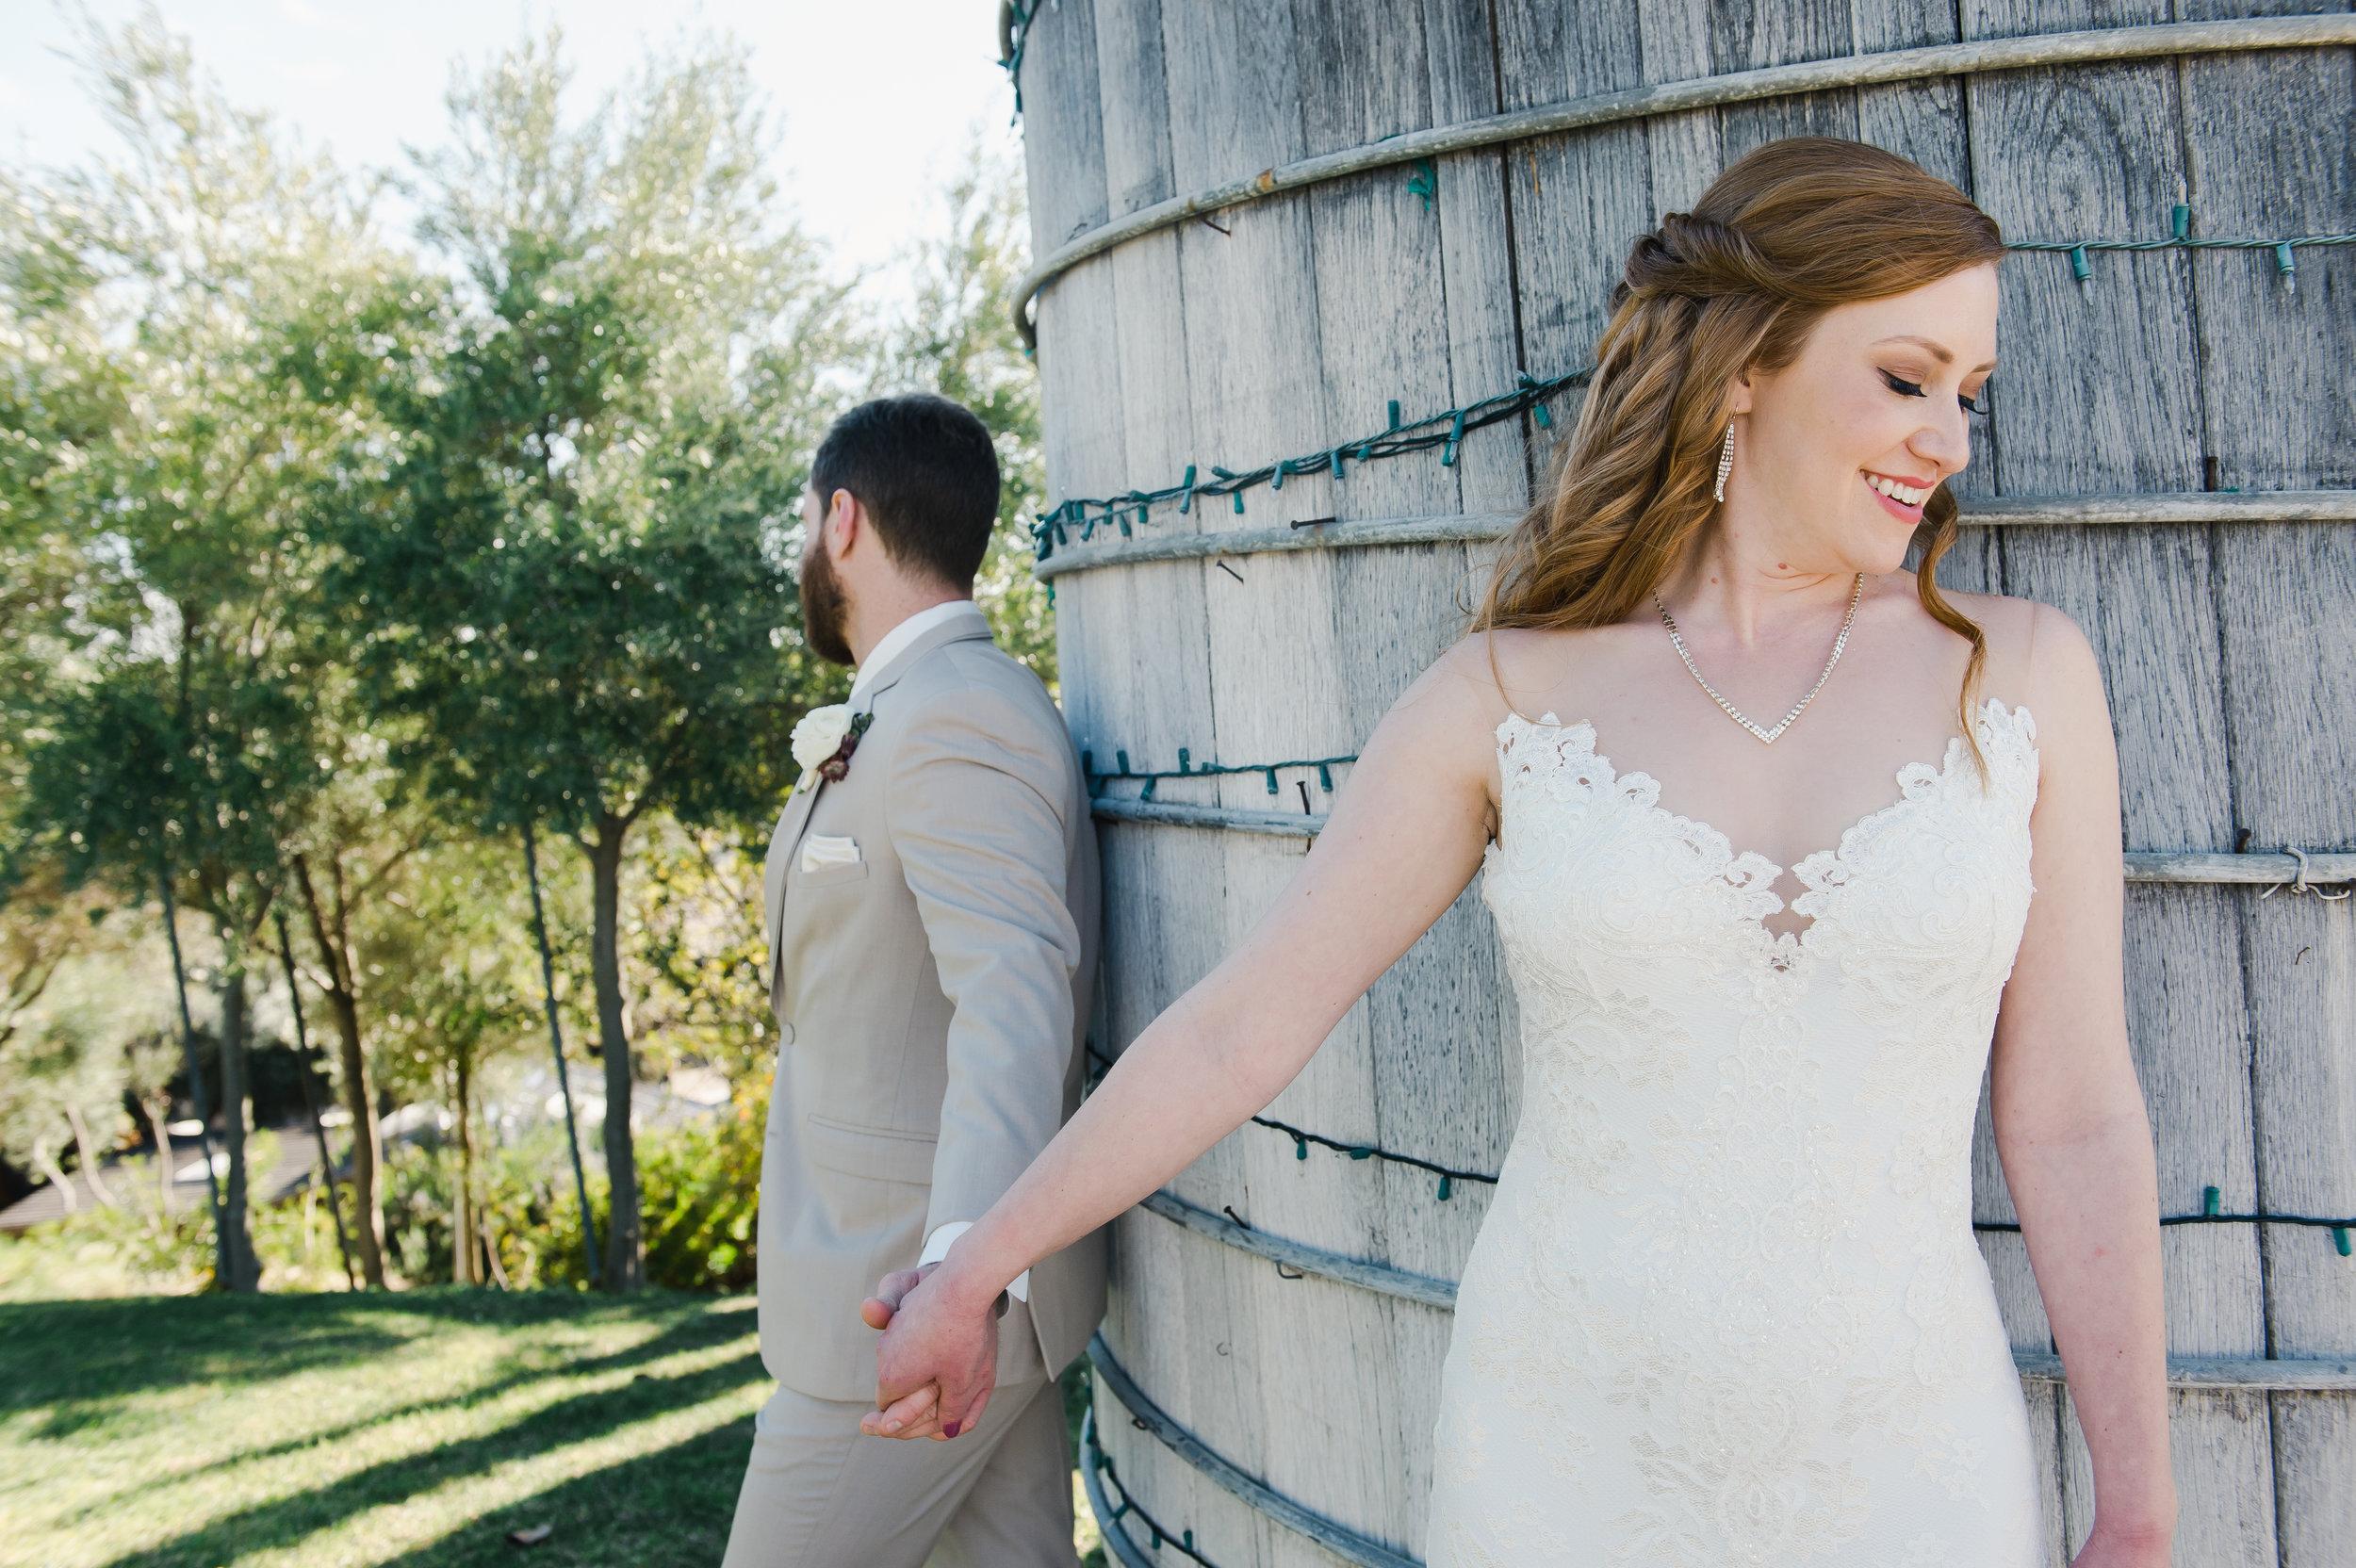 29mountpalomarwineryweddingpictures.jpg